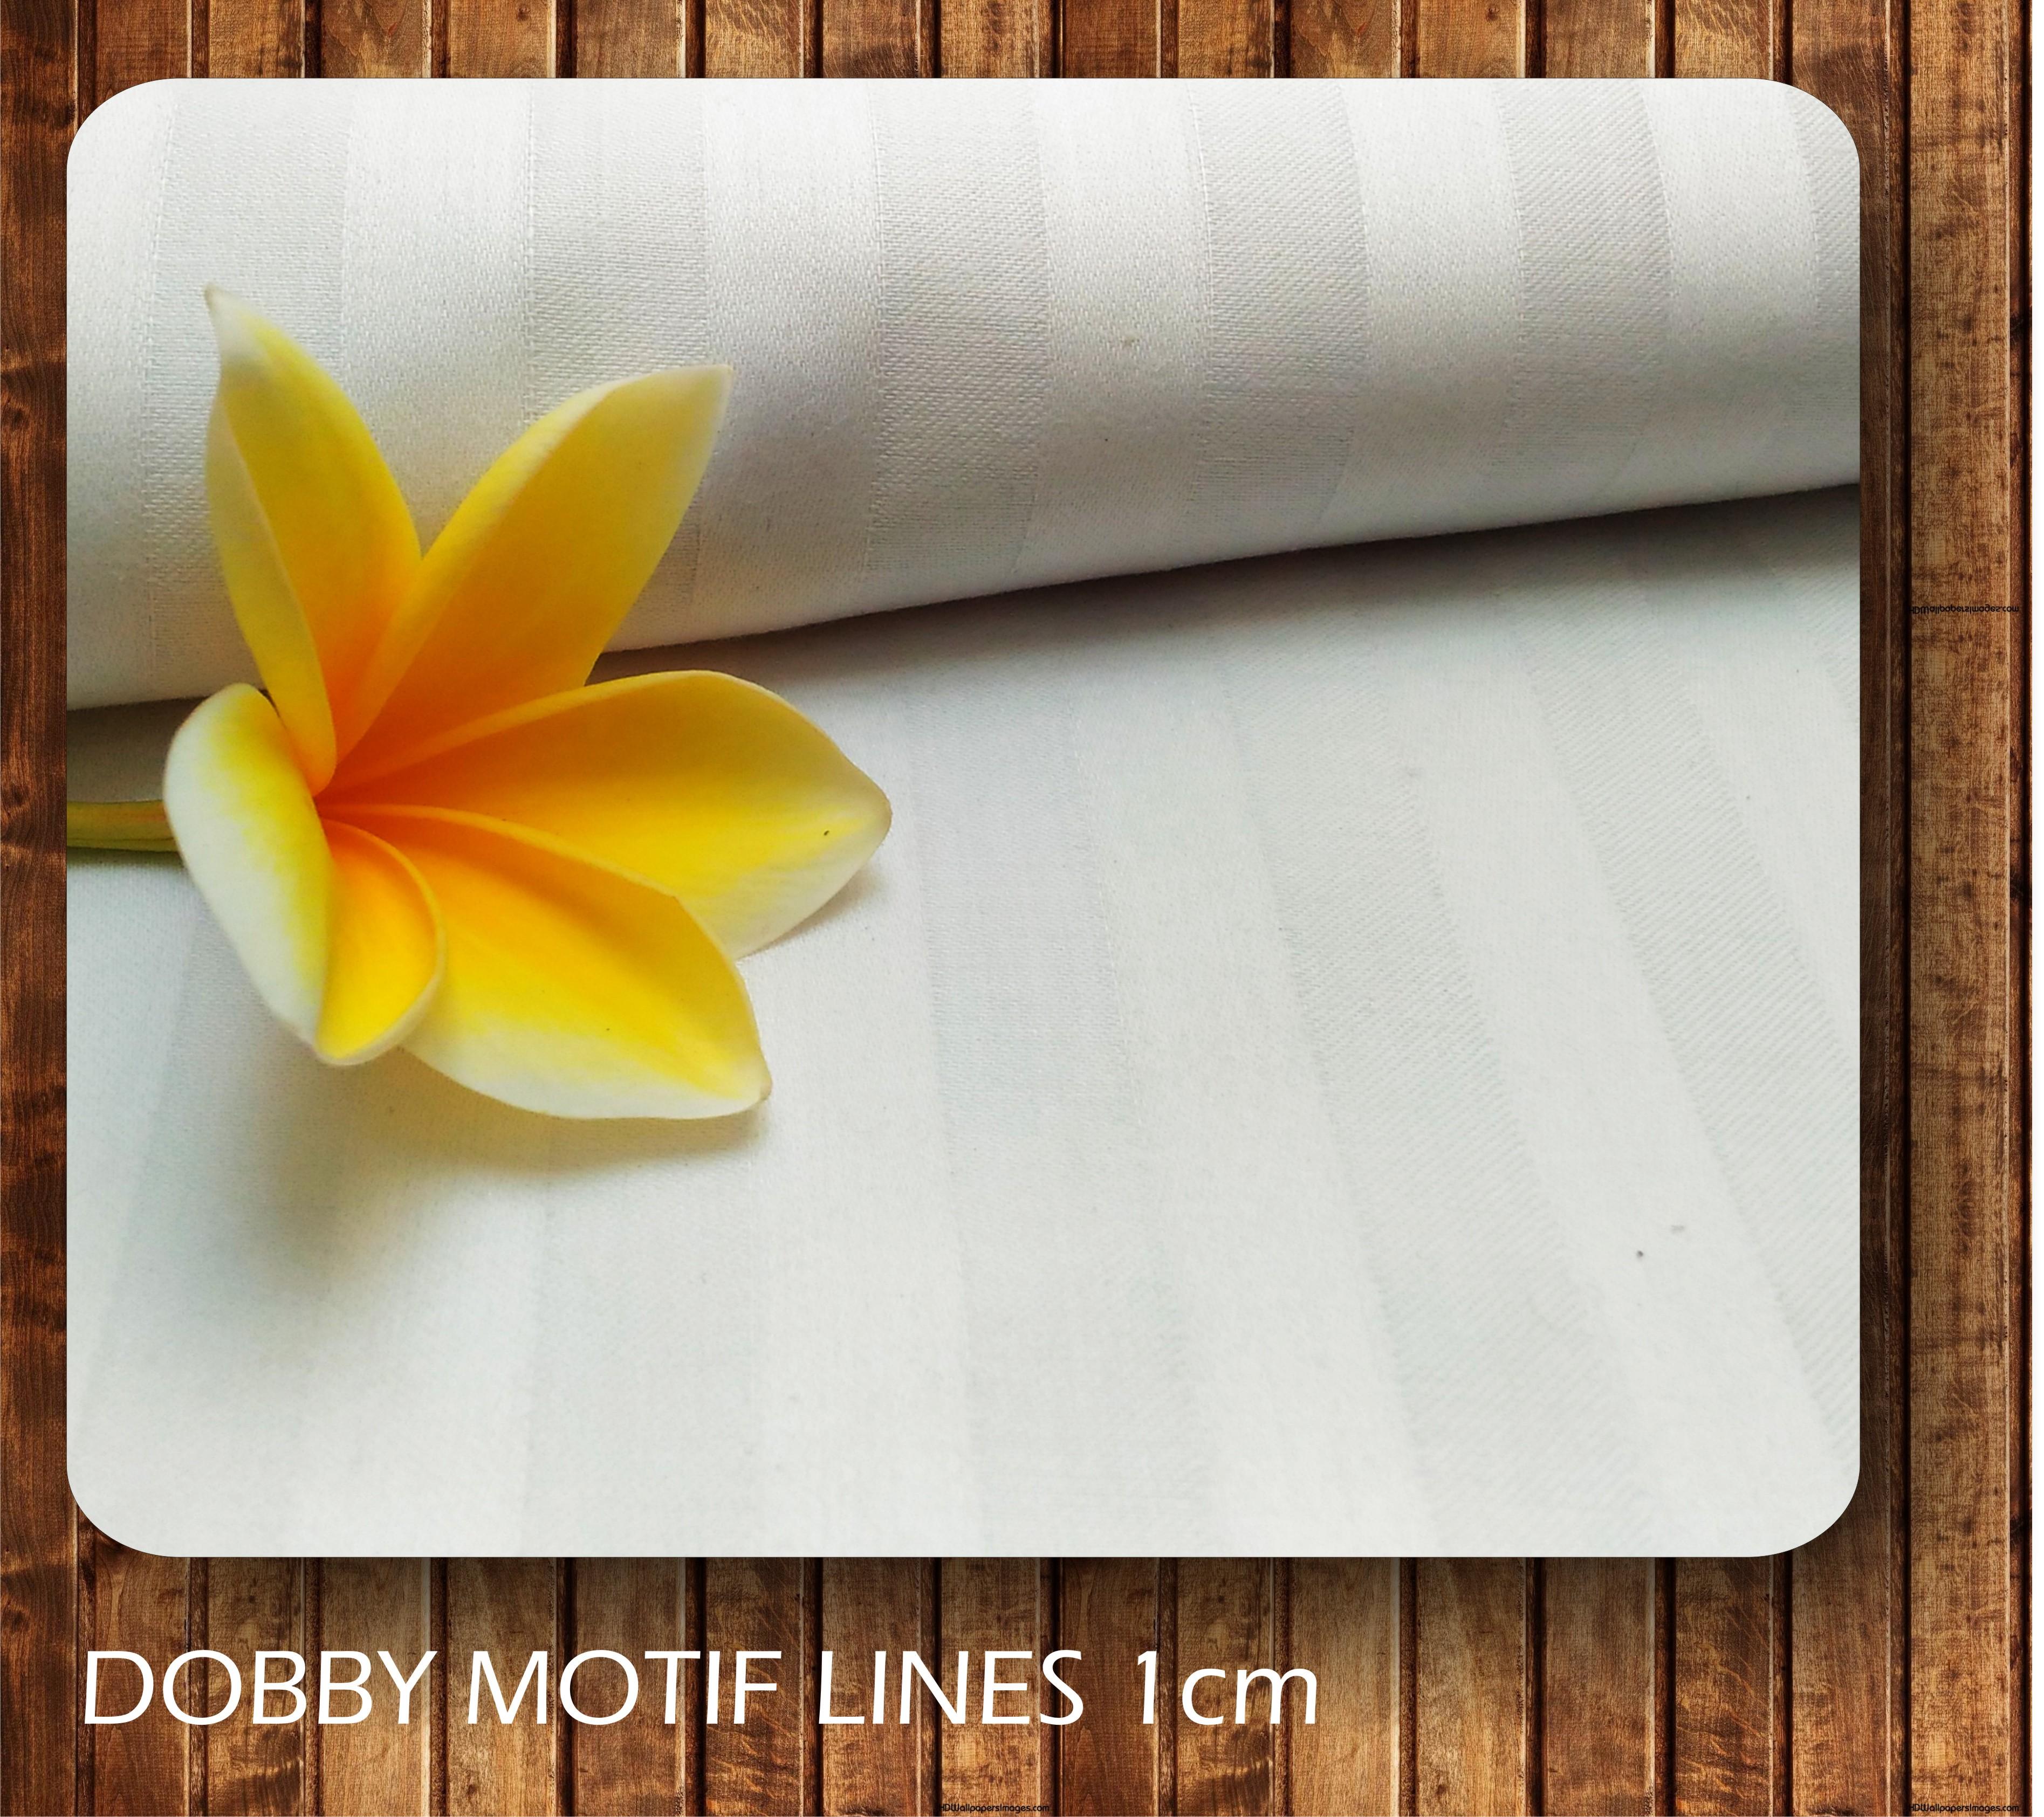 lines 1cm